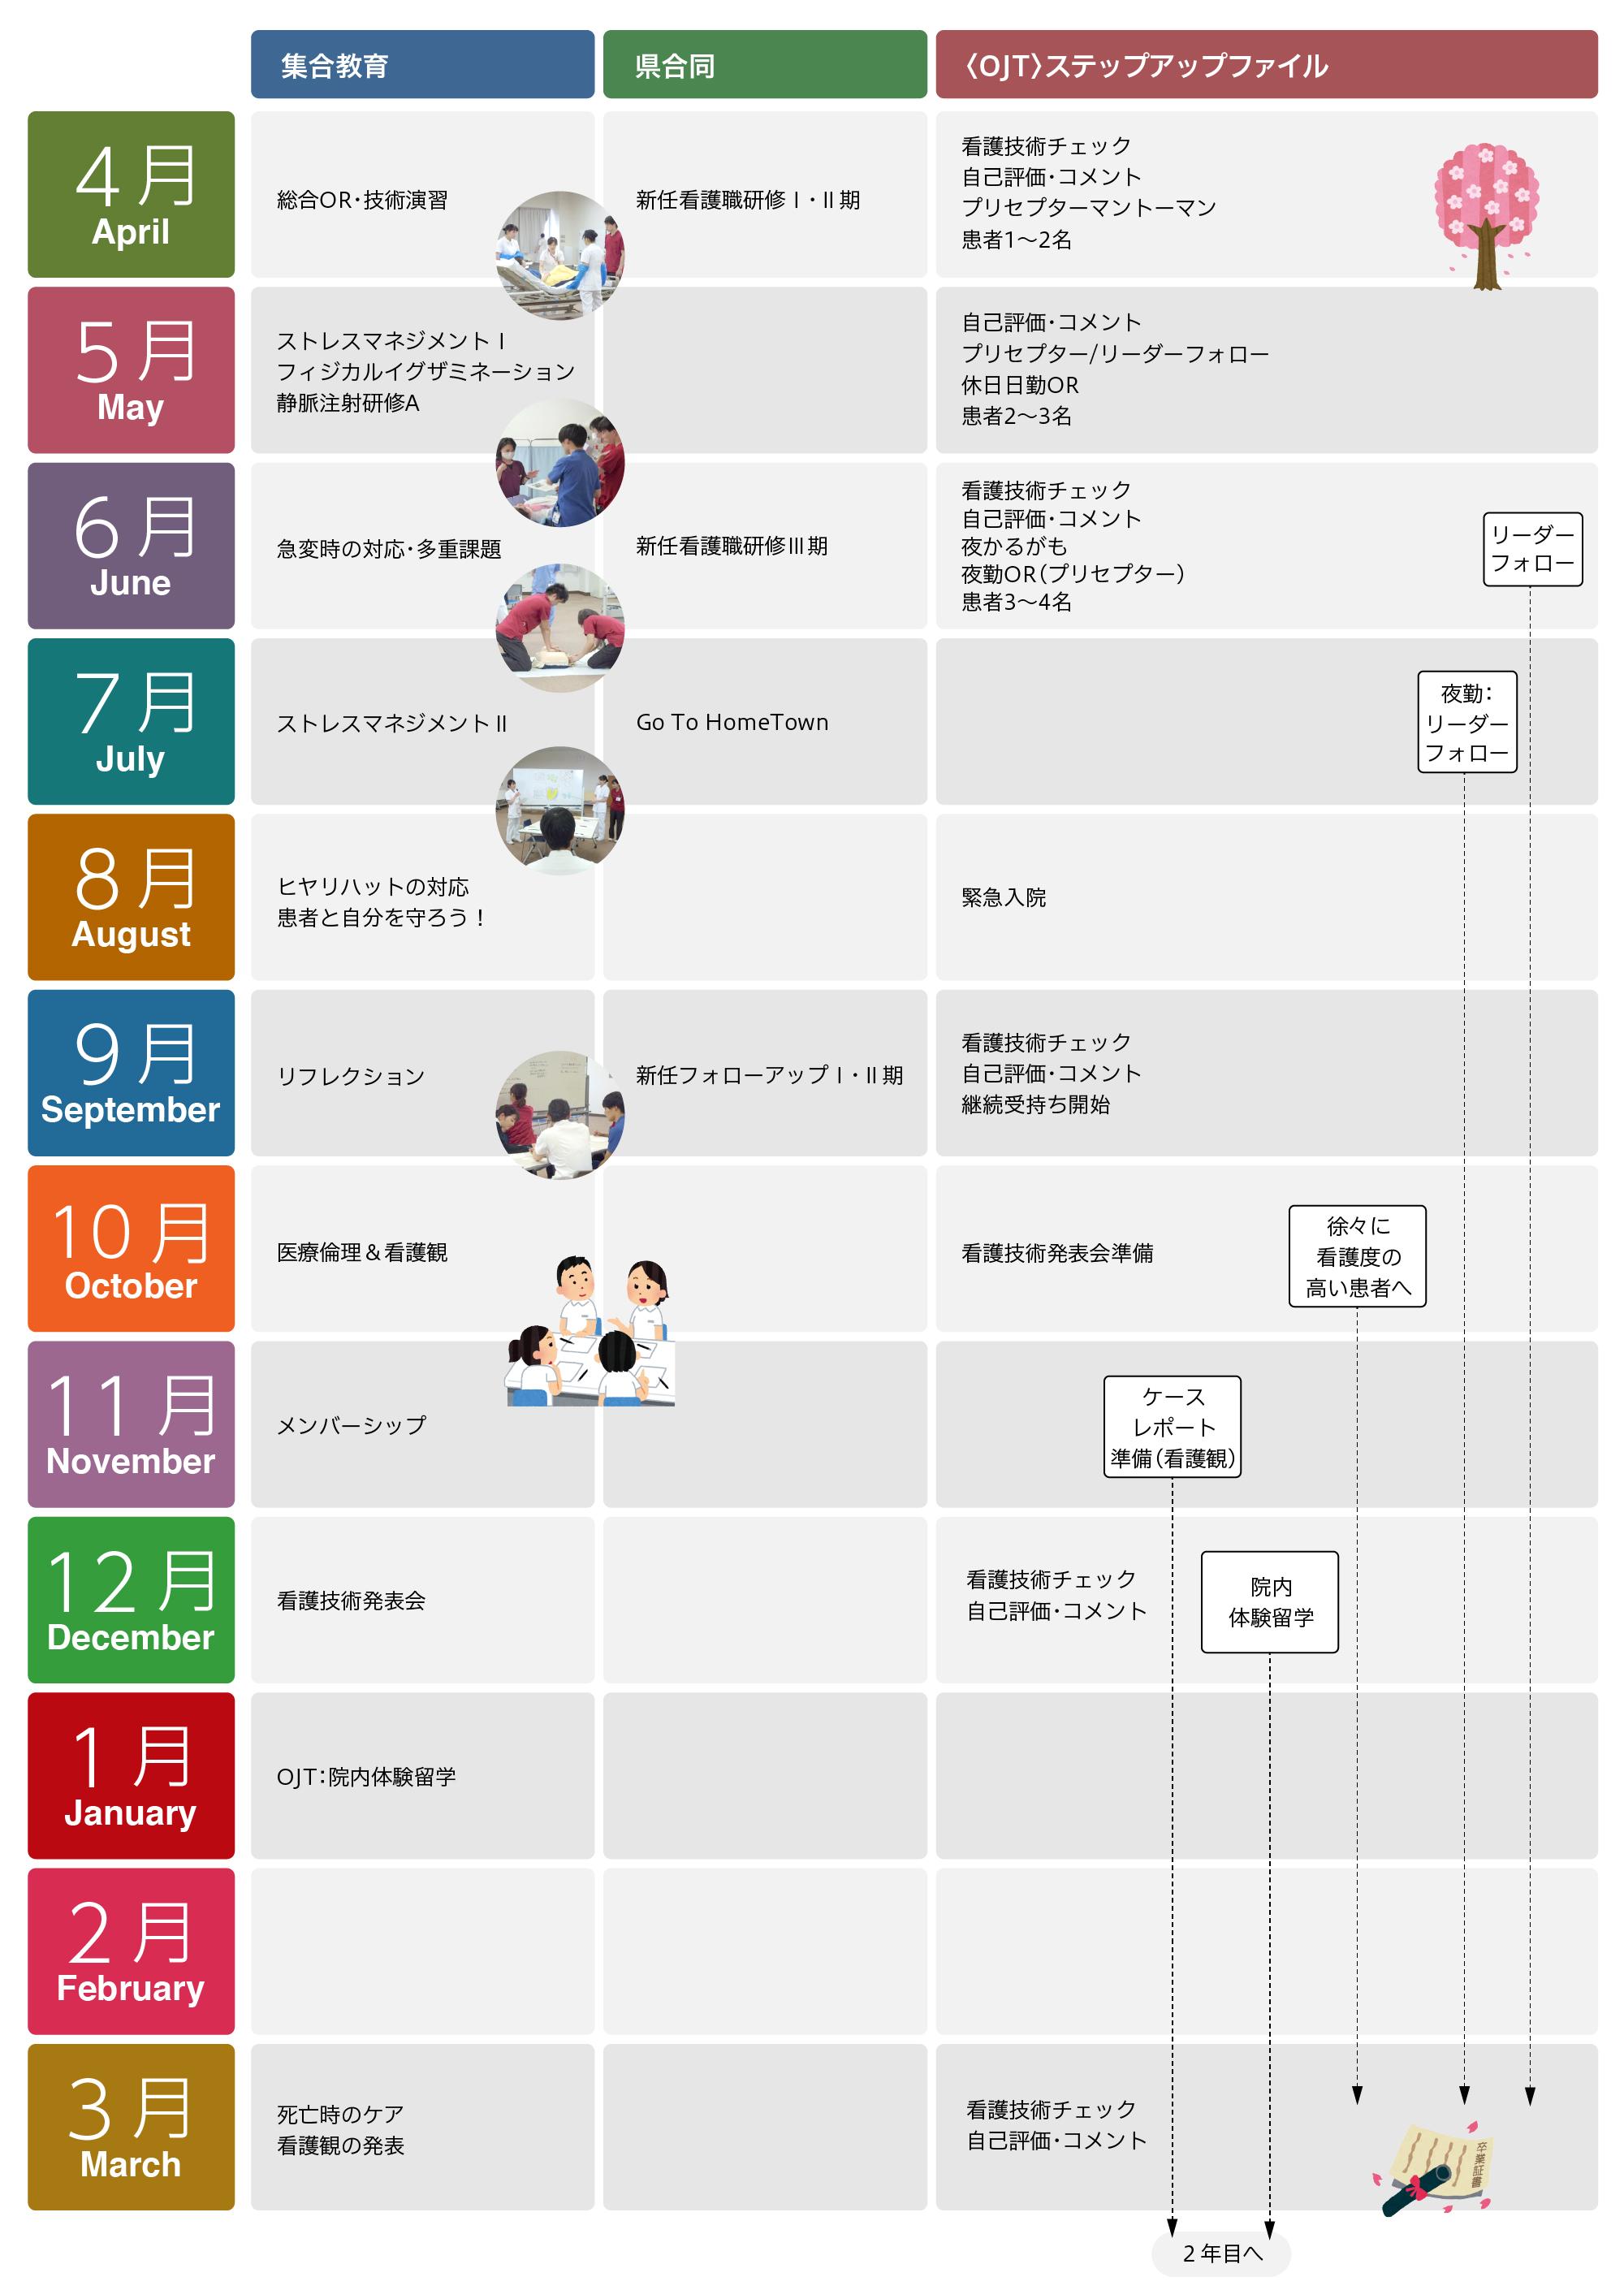 4月から3月までの年間教育表